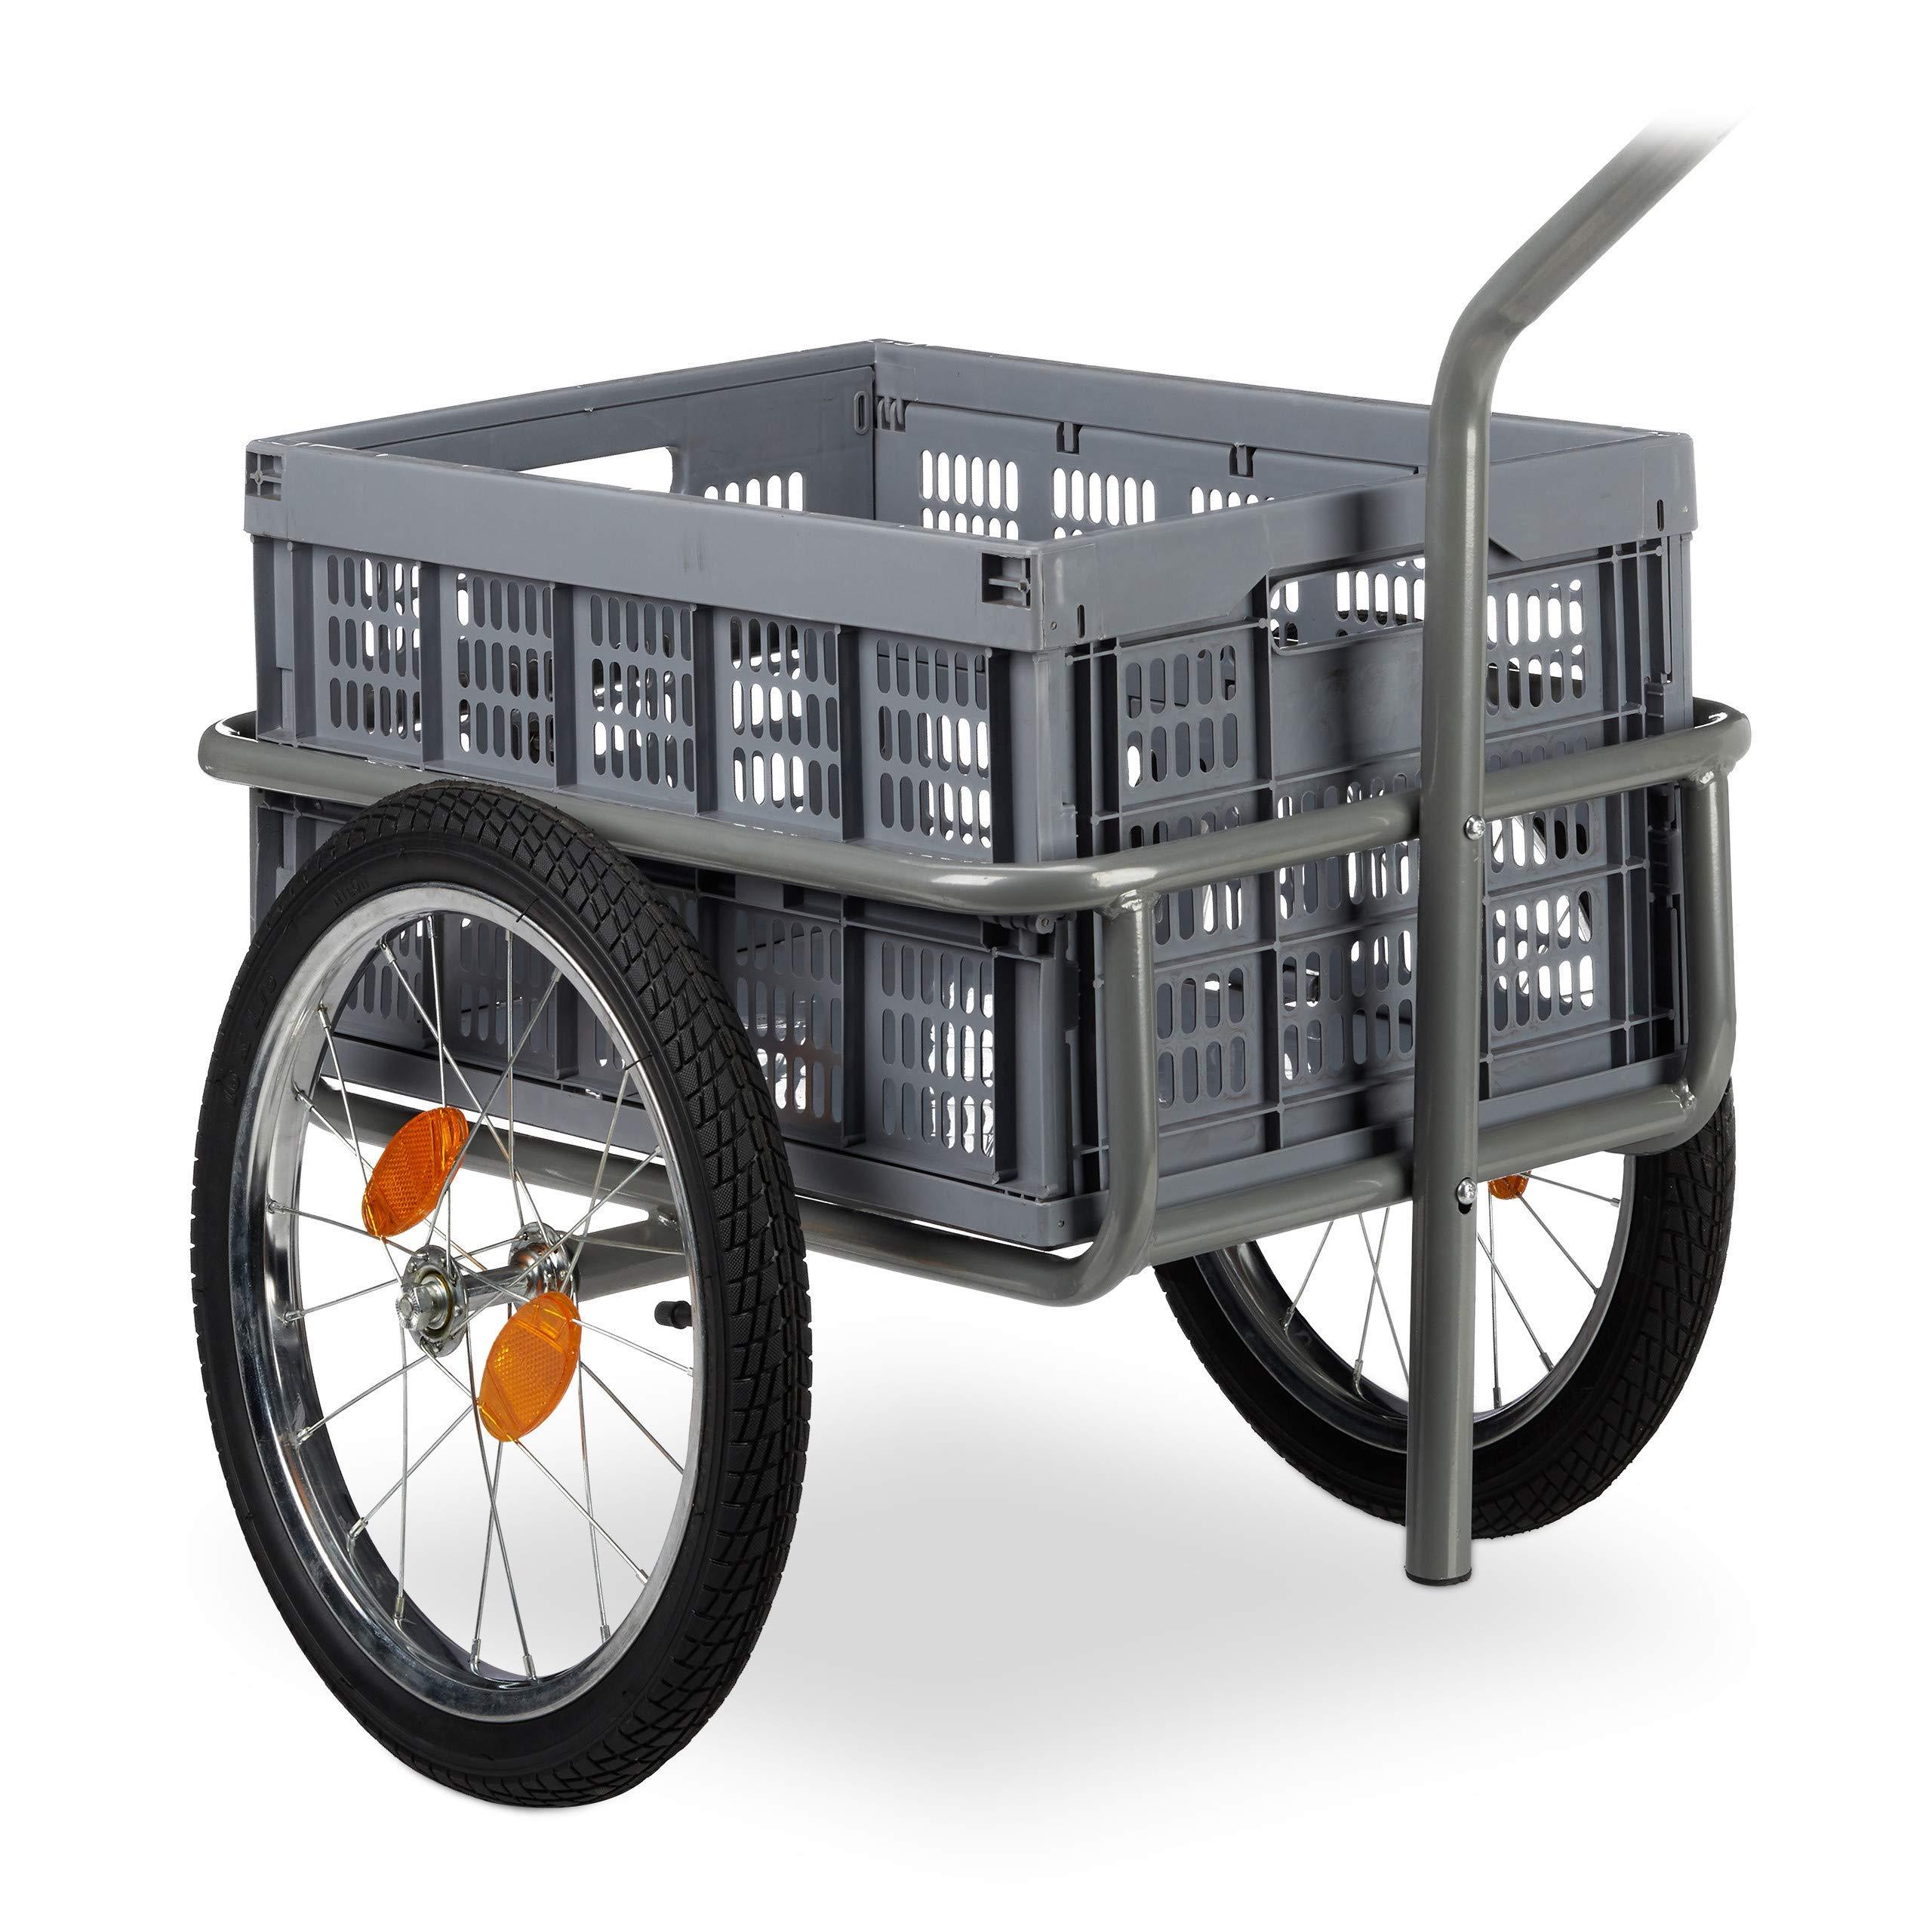 Relaxdays Remolque para Bicicleta, Carro de Mano, Caja Plegable, Acoplamiento de Bola, hasta 50kg, Gris: Amazon.es: Deportes y aire libre